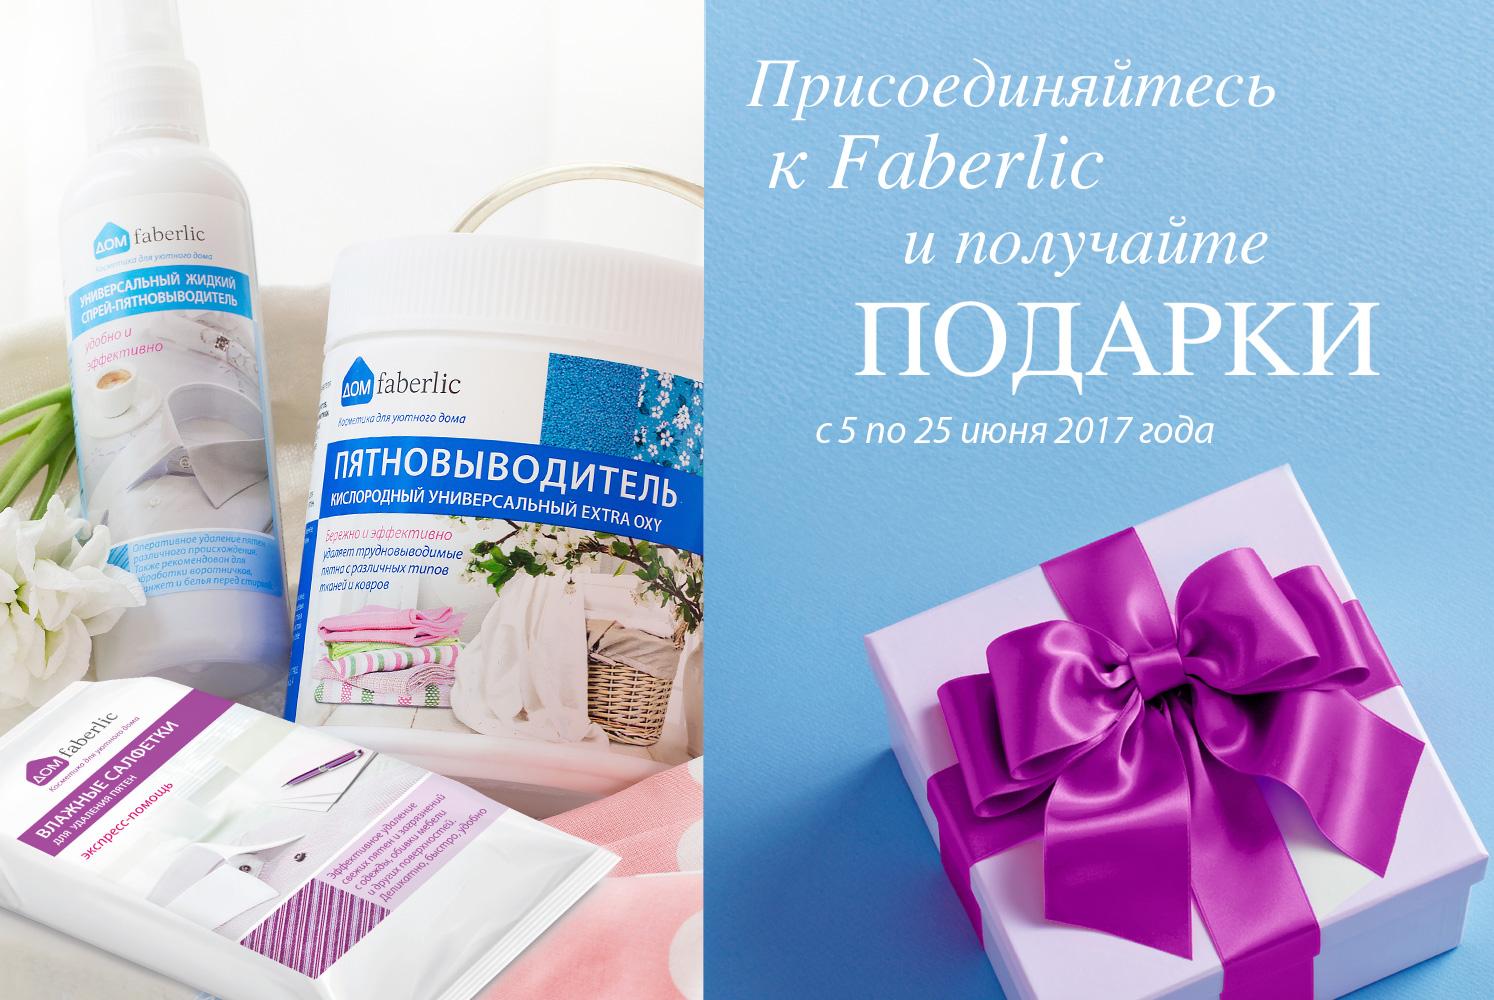 Подарки при регистрации новичков 201